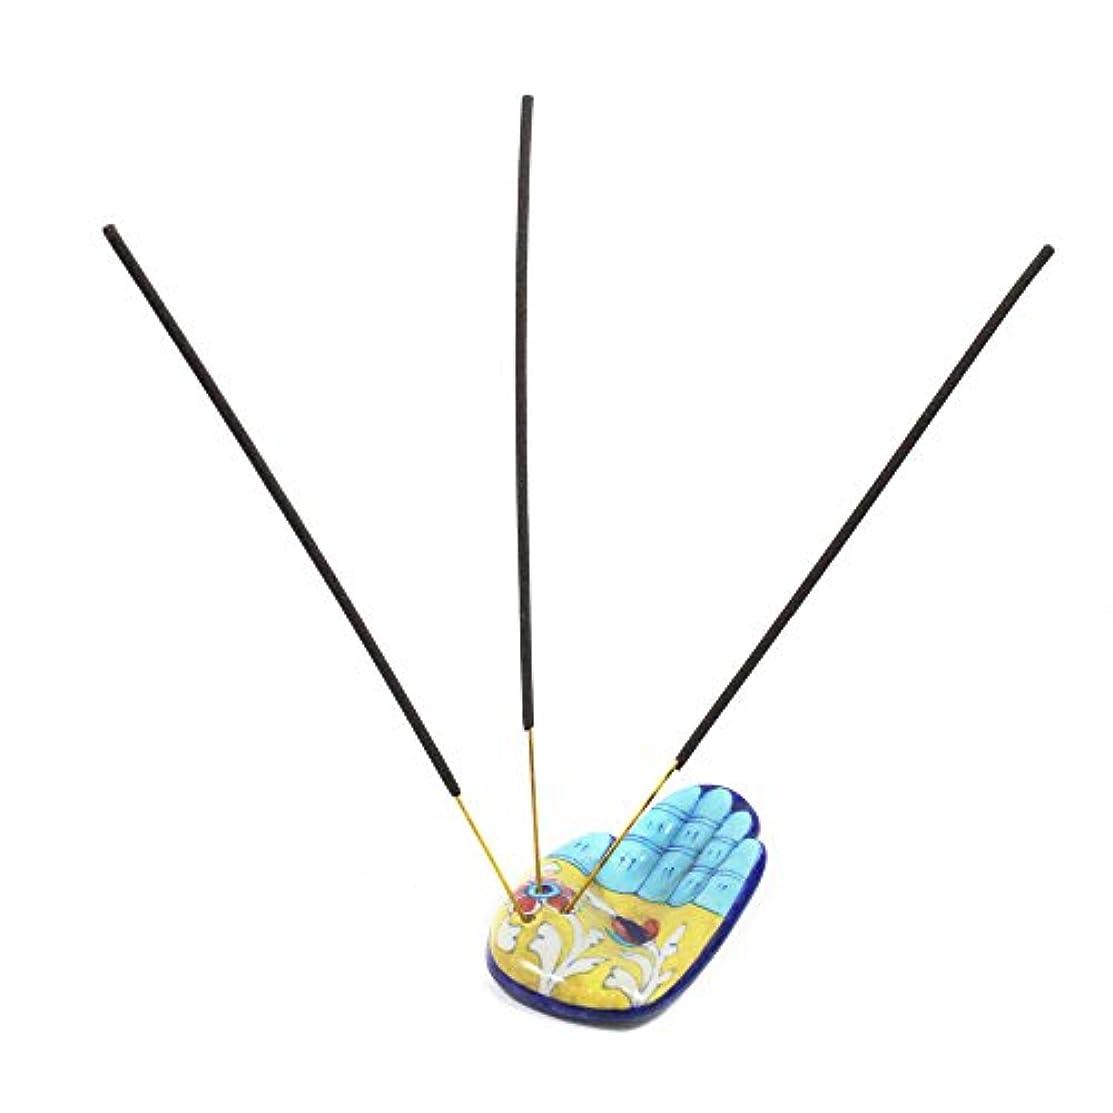 算術悪用余計な青い陶器手作り装飾セラミック香りスタンド/アガルバッティスタンド/セラミックトライバルDhoop Daan /セラミックAgarbattiスタンド/ Dhoop Battiスタンドホルダー/セラミック香箱スタンド数量1